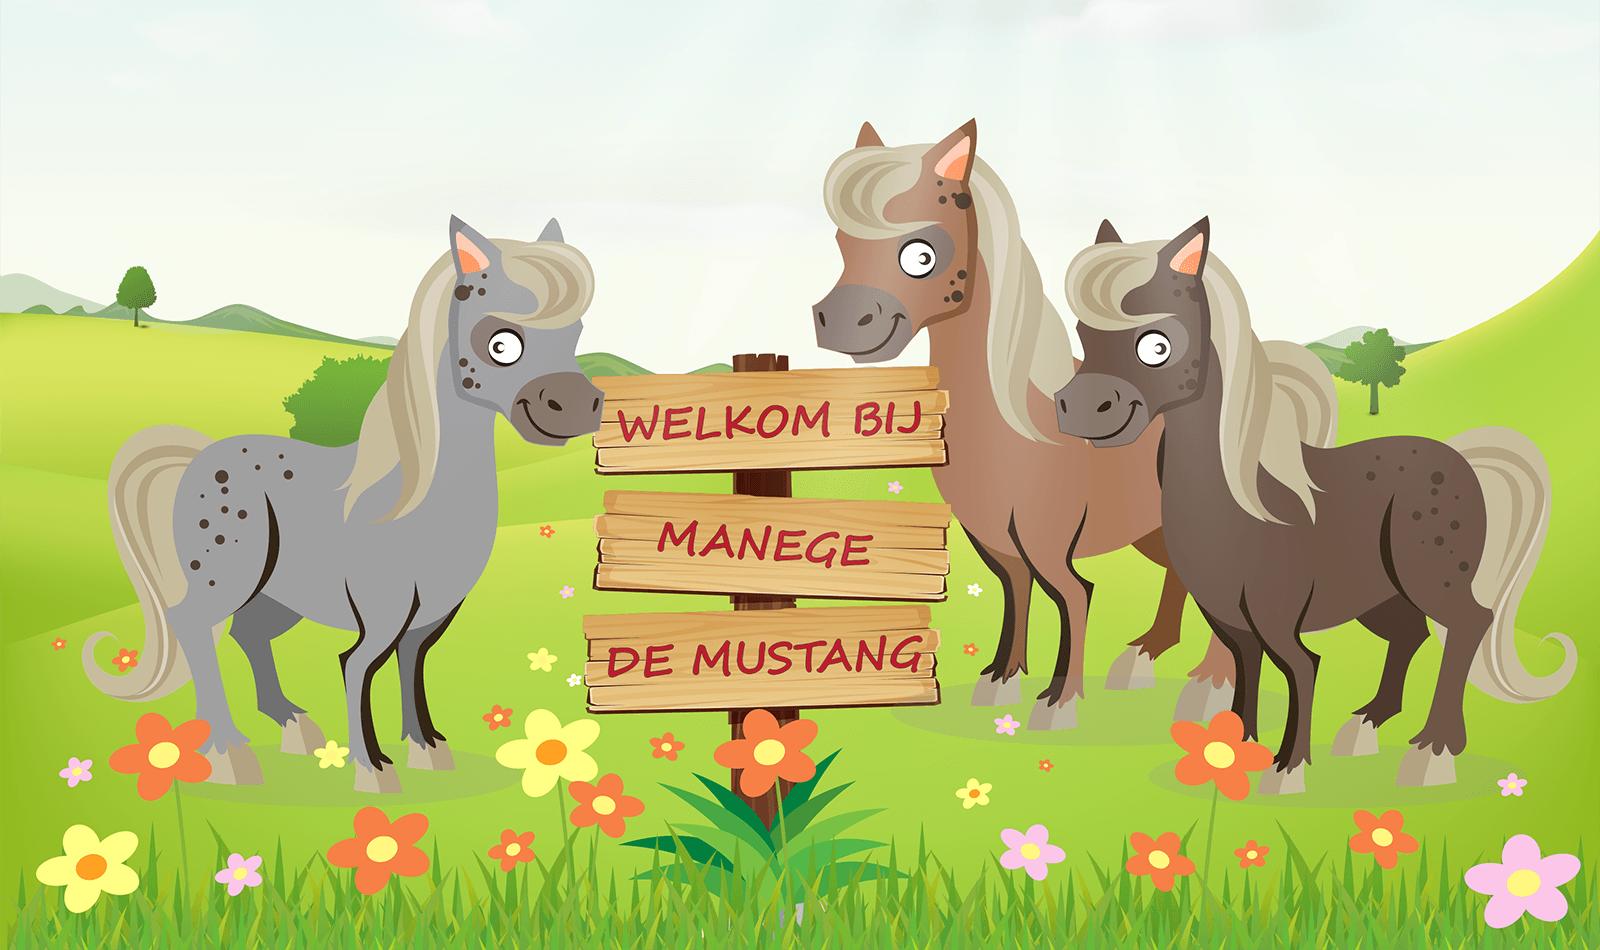 Welkom bij Manege de Mustang